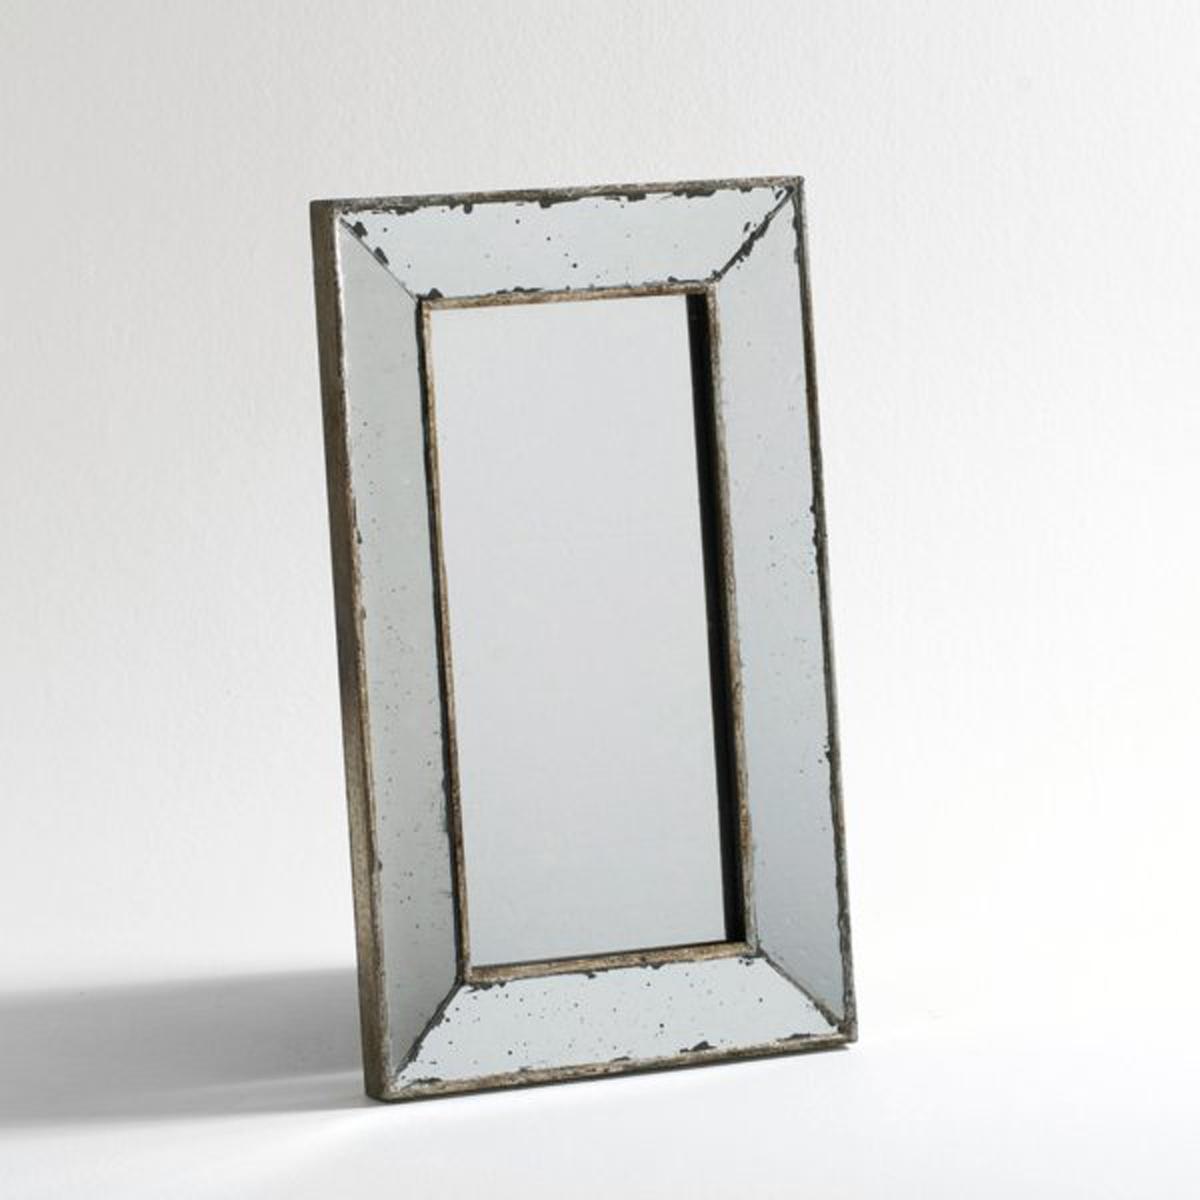 Зеркало в ретро-стиле, средняя модель Д31 x В51 см, EdwinЗеркало среднего размера модельEdwin. Словно покрытое патиной былых времен, это зеркало с симпатичной отделкой под старину представлено в 3 размерах, вы можете сочетать их для большей оригинальности. Найдите другие размеры на нашем сайте.Размеры  :Д.31 x В.51 x Г.3 см..<br><br>Цвет: серый серебристый